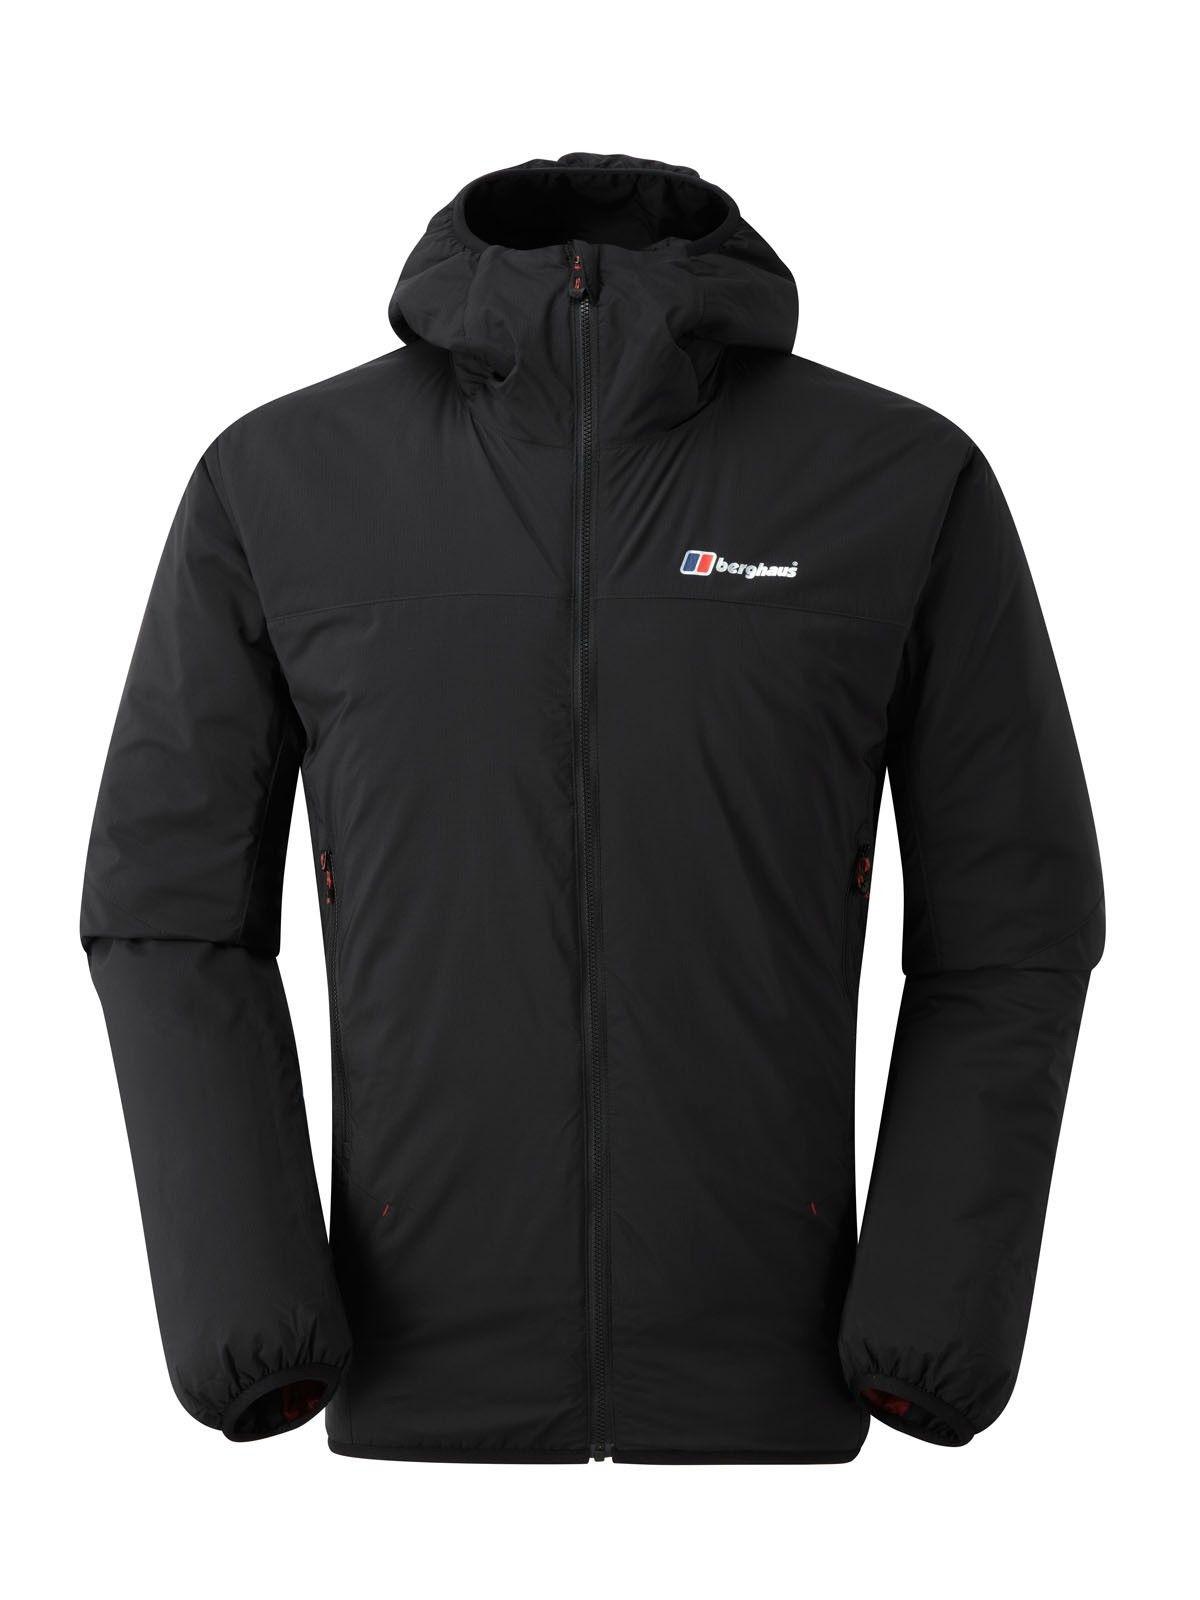 Berghaus M Reversa Jacket   Größe S,XL   Herren Isolationsjacke